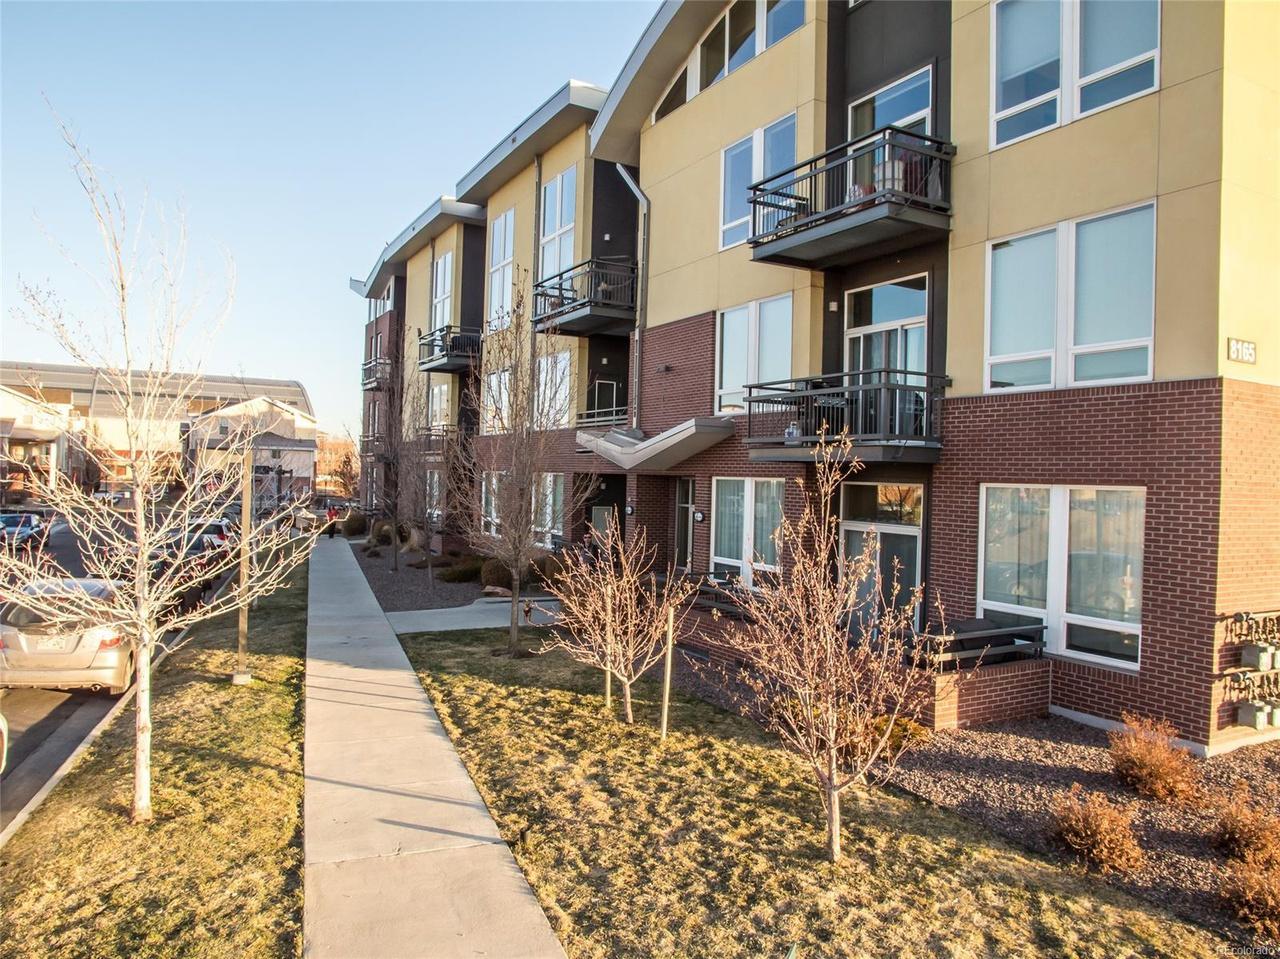 8165 E Lowry Blvd #303, Denver, CO 80230 | MLS# 6001032 ...